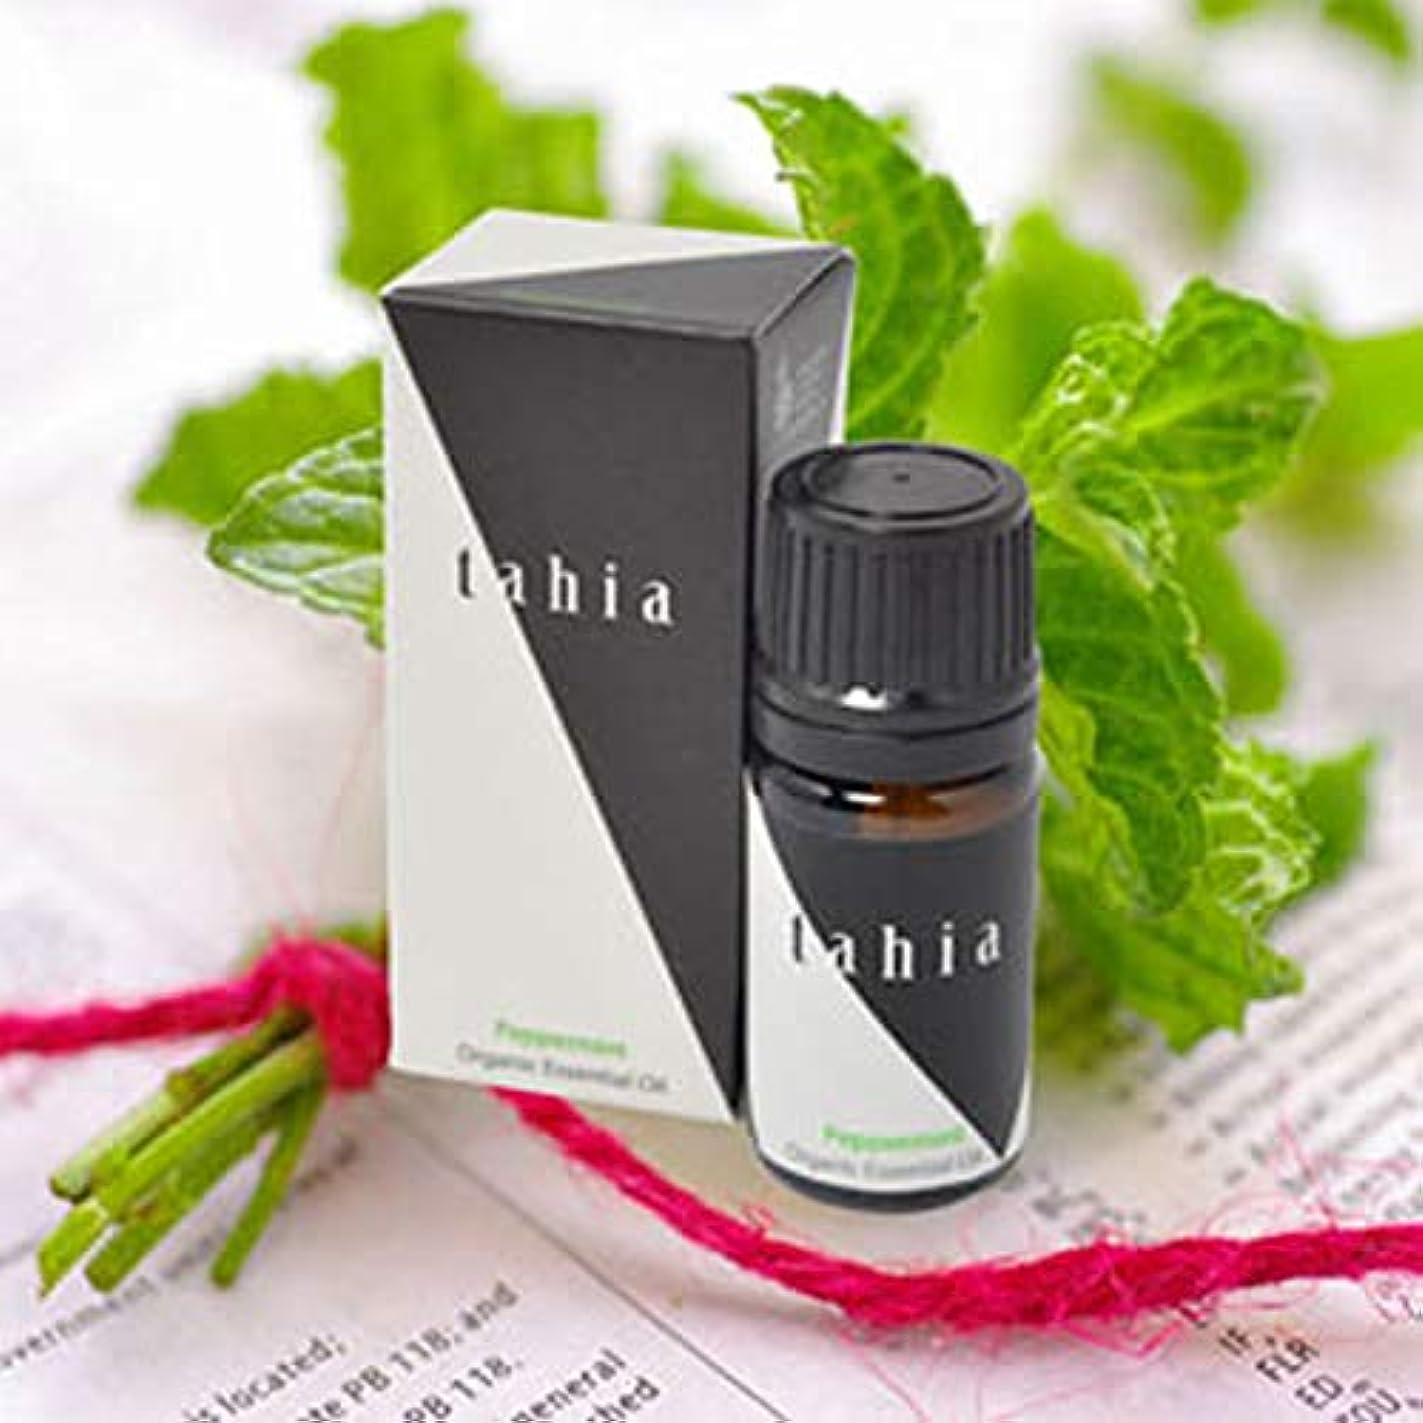 タツフト タヒア tahia ペパーミント  エッセンシャルオイル オーガニック 芳香 精油